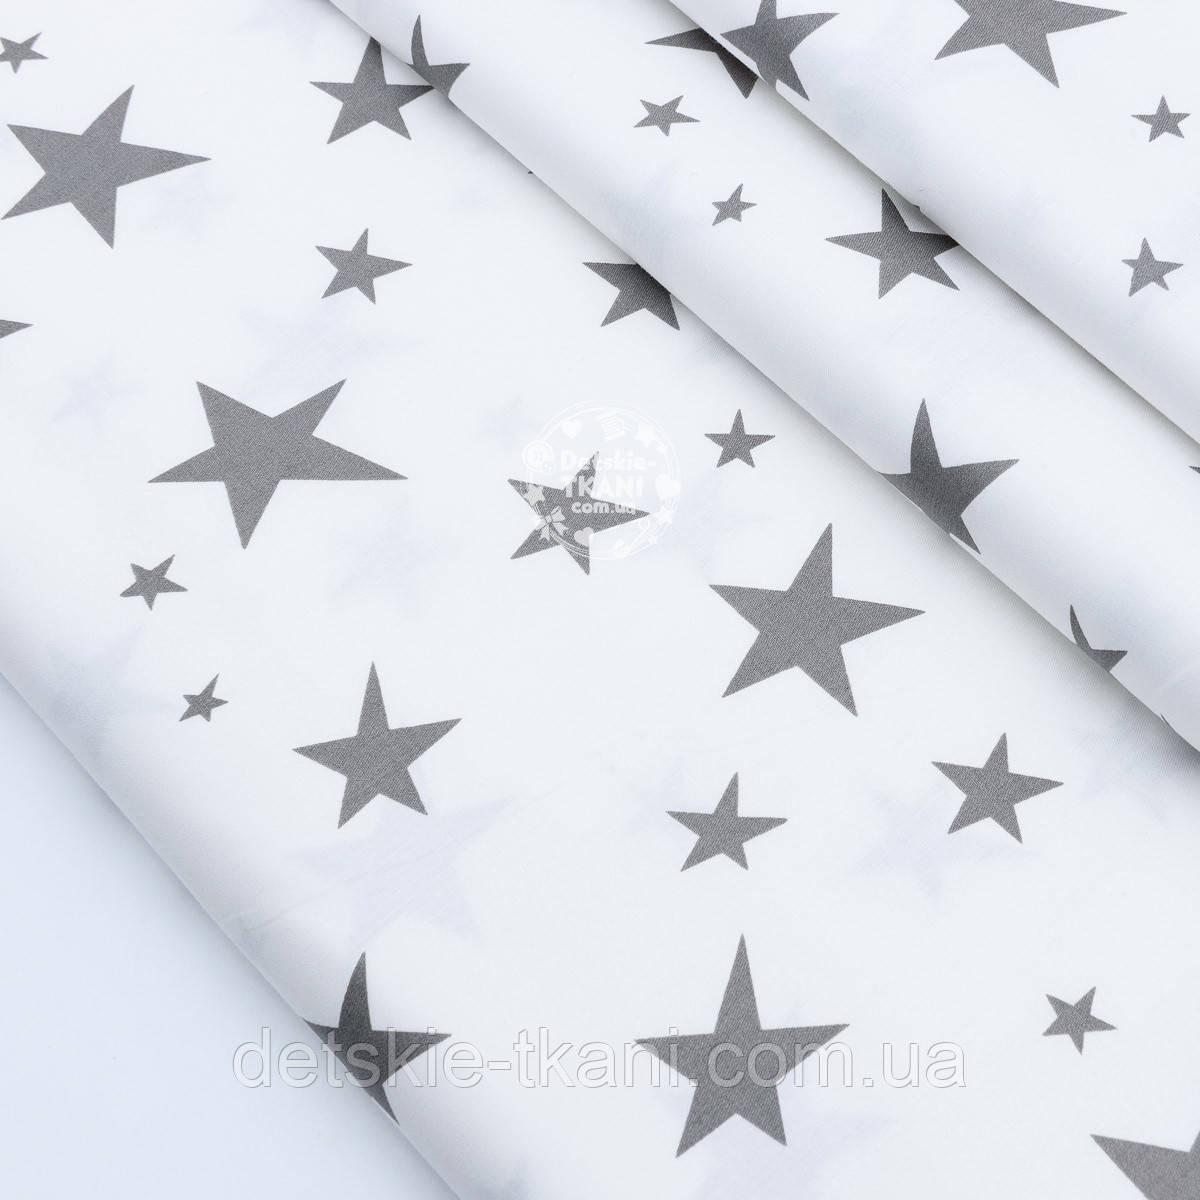 """Отрез сатина """"Средние и малые звёзды"""" графитовые на белом, №1800с"""